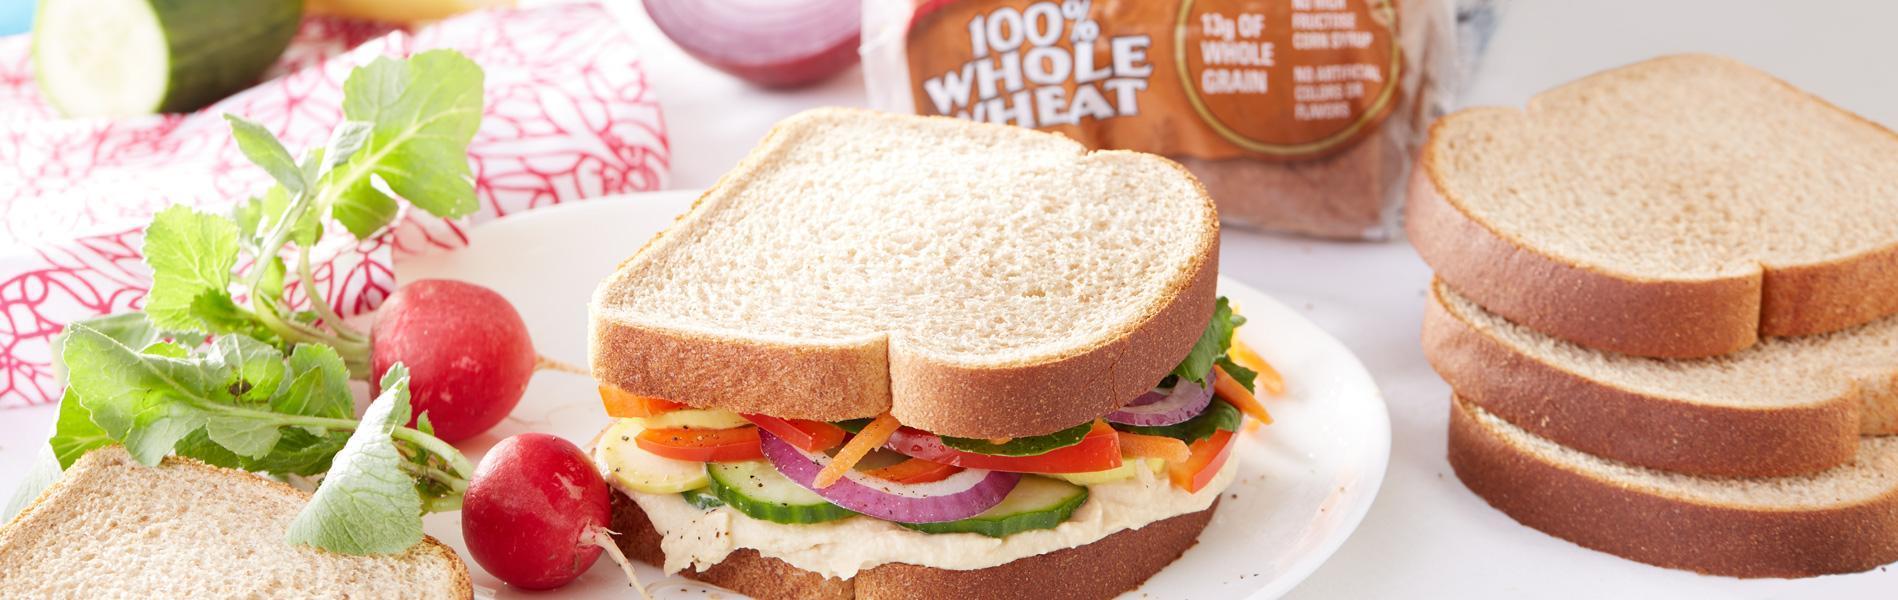 Wo finde ich dieses Brot USA, ALDI, Lidl